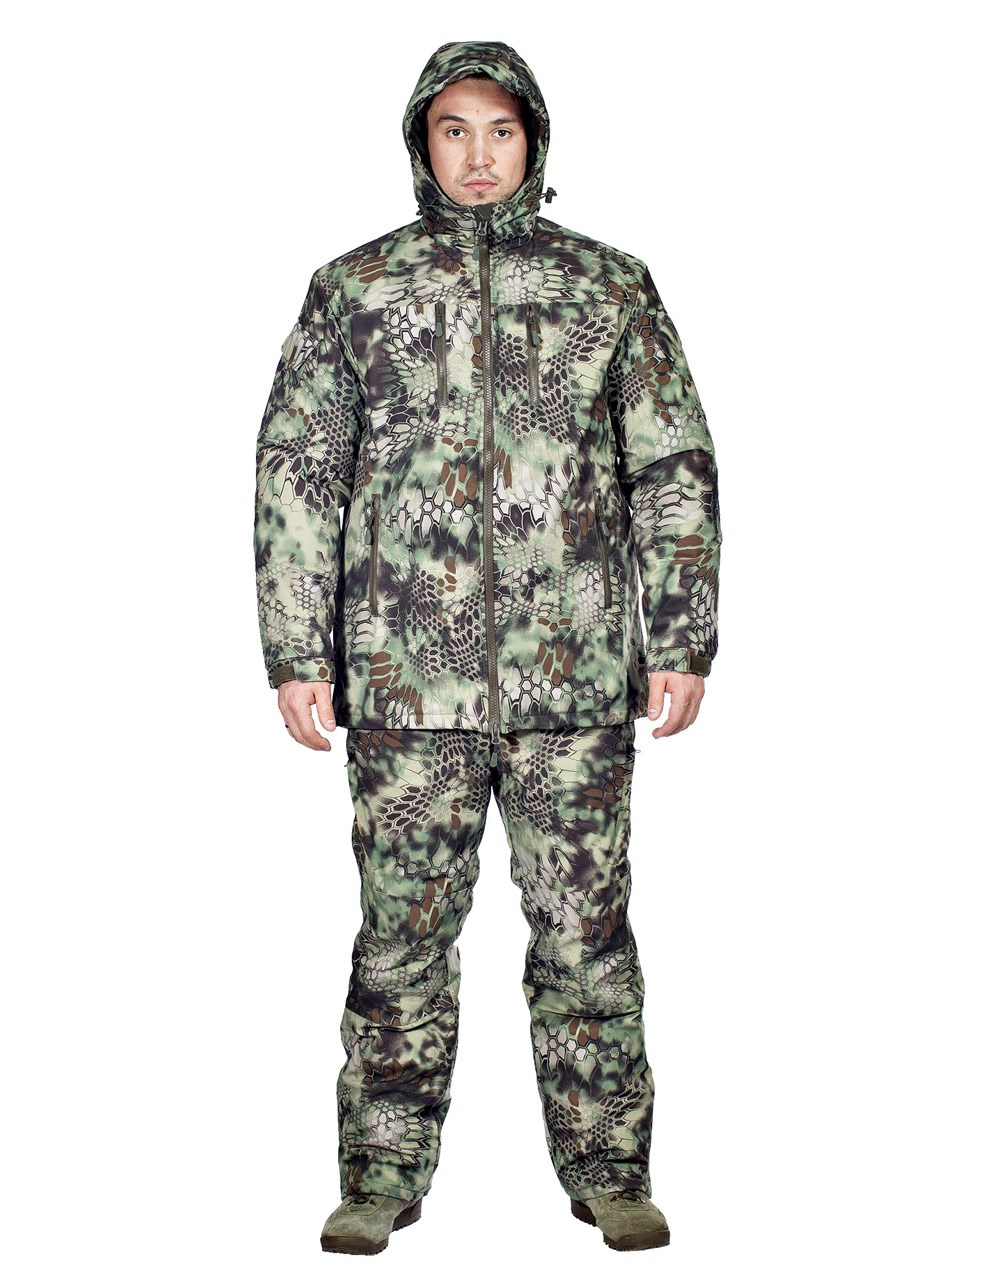 Костюм зимний МПА-38-01 (мембрана, питон лес), Костюмы утепленные<br>Костюм состоит из брюк с плечевой разгрузочной <br>системой, а также куртки со съемным капюшоном <br>и утепляющей подкладкой. Разработан для <br>подразделений воооруженных сил, действующих <br>в условиях экстремального холода (до -50 <br>градусов Цельсия). ХАРАКТЕРИСТИКИ ЗАЩИТА <br>ОТ ХОЛОДА ДЛЯ ИНТЕНСИВНЫХ НАГРУЗОК ДЛЯ <br>АКТИВНОГО ОТДЫХА ТОЛЬКО РУЧНАЯ СТИРКА МАТЕРИАЛЫ <br>МЕМБРАНА УТЕПЛИТЕЛЬ ФАЙБЕРСОФТ<br><br>Пол: мужской<br>Размер: 56<br>Рост: 170<br>Сезон: зима<br>Цвет: зеленый<br>Материал: мембрана